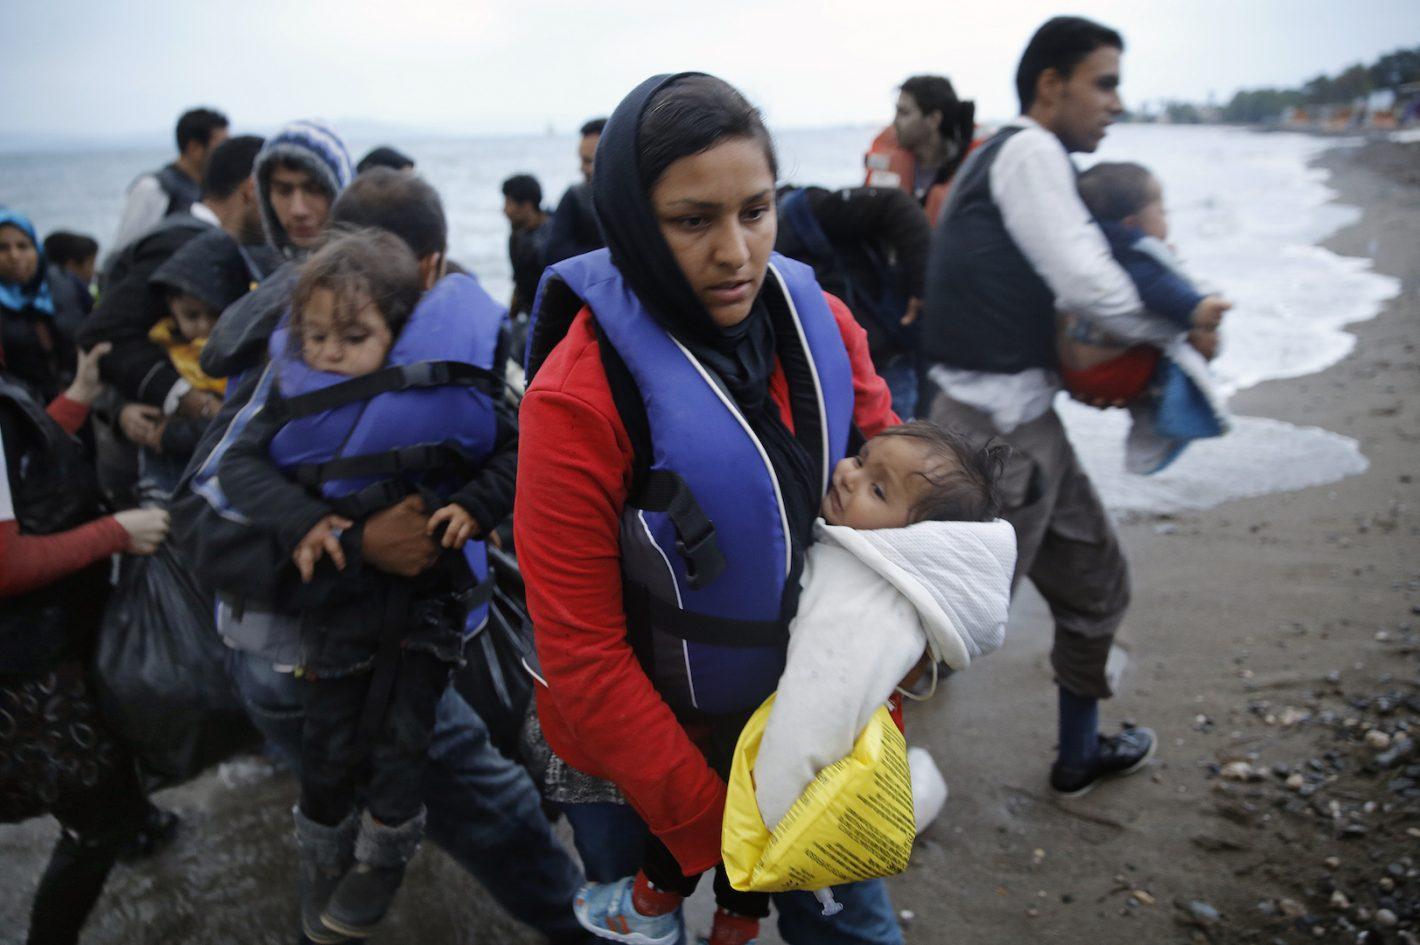 Des migrants afghans débarquent sur une plage de l'île grecque de Kos, après avoir traversé à bord d'un zodiac la partie sud-est de la Mer Egée située entre la Turquie et la Grèce - 27 mai 2015 - REUTERS / Yannis Behrakis